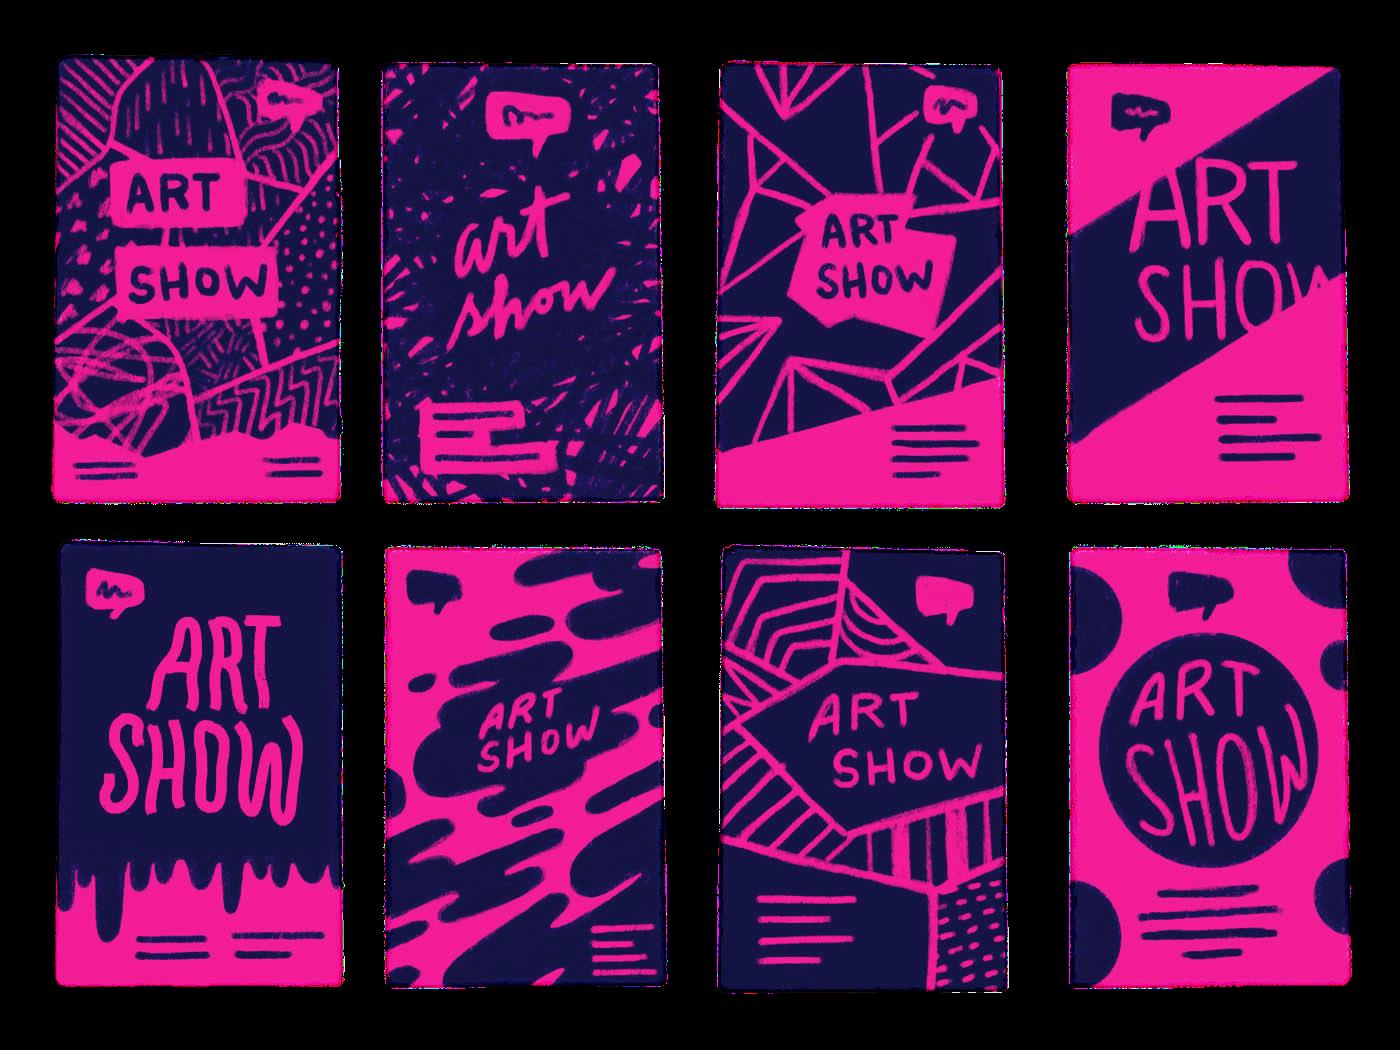 Art-Show-Ideas